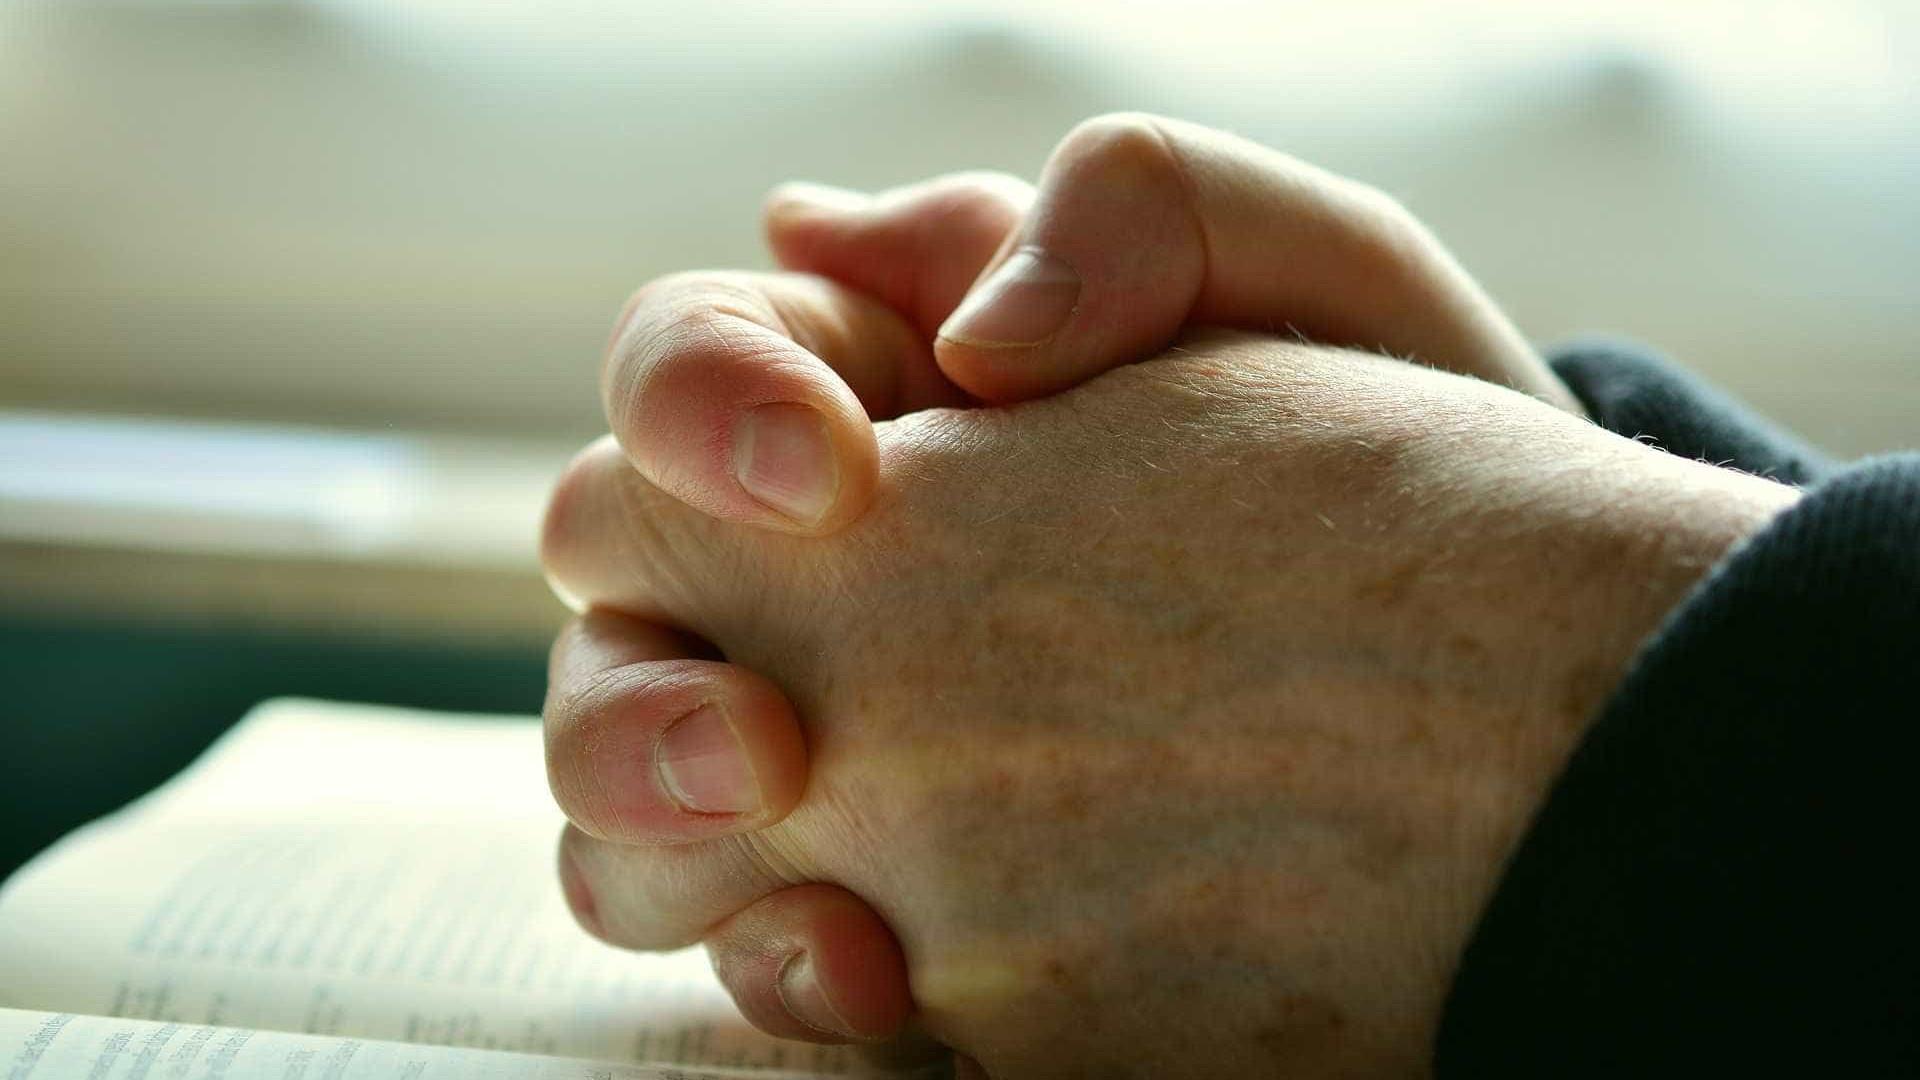 Igreja evangélica é acusada de trabalho escravo e maus tratos